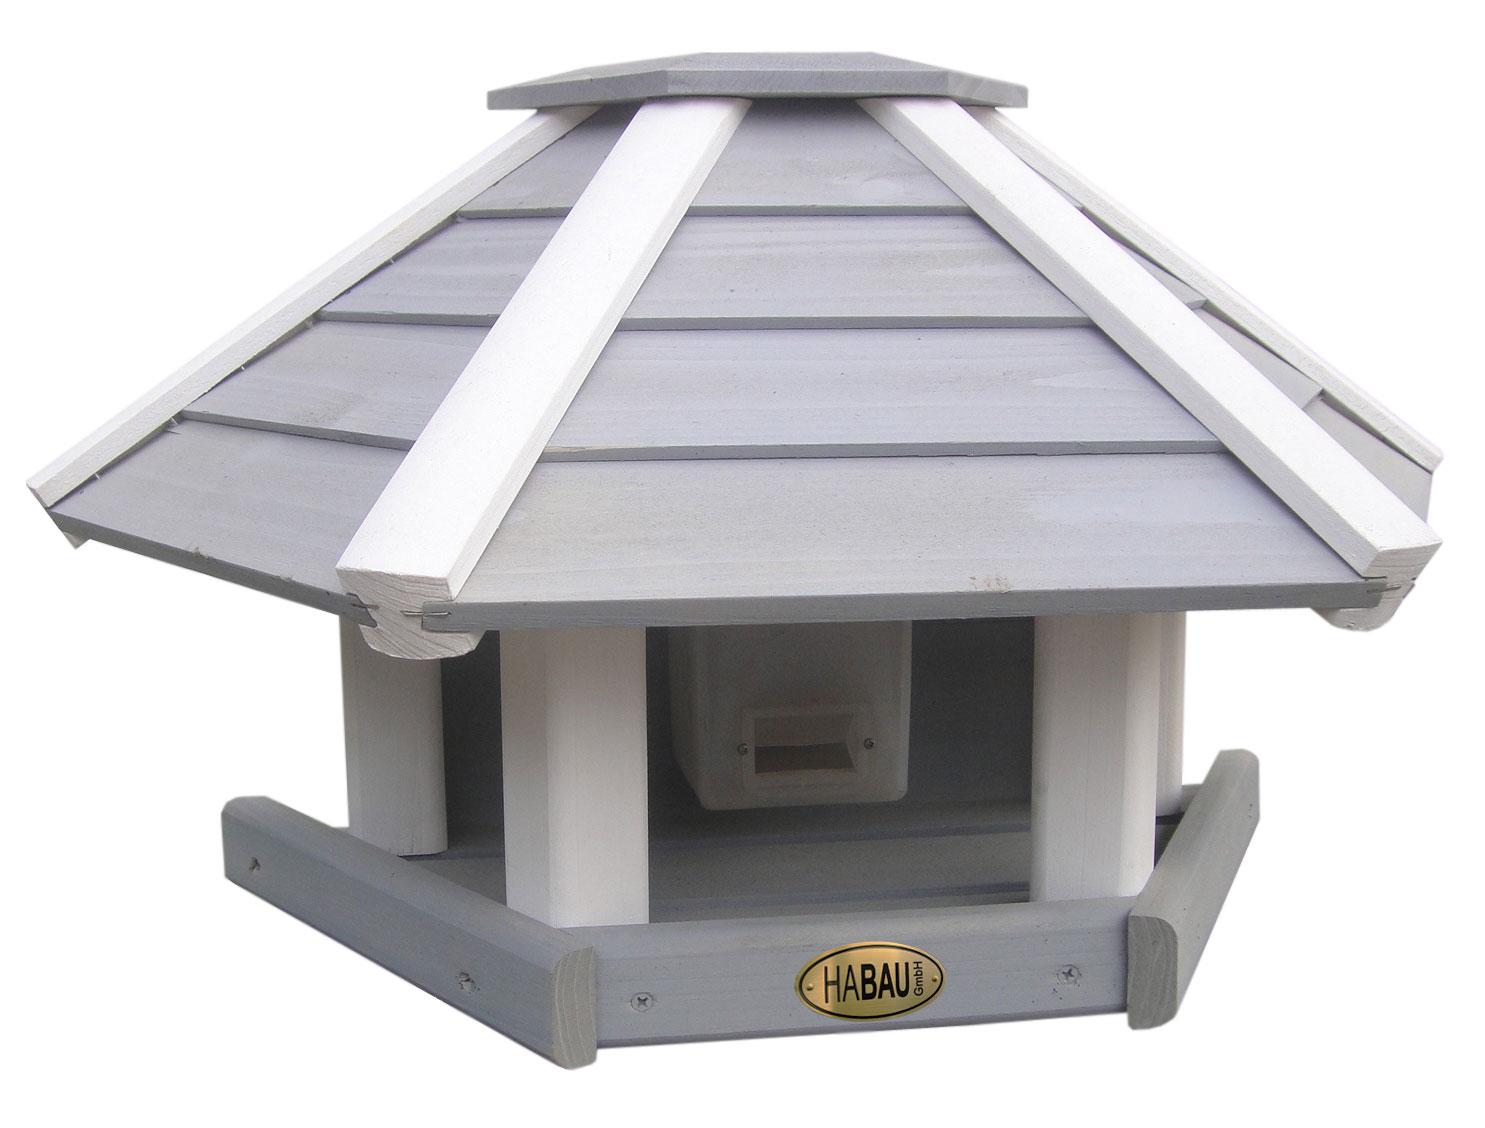 Vogelhaus / Futterhaus Habau Wandhänger grau / weiß mit Silo Bild 1